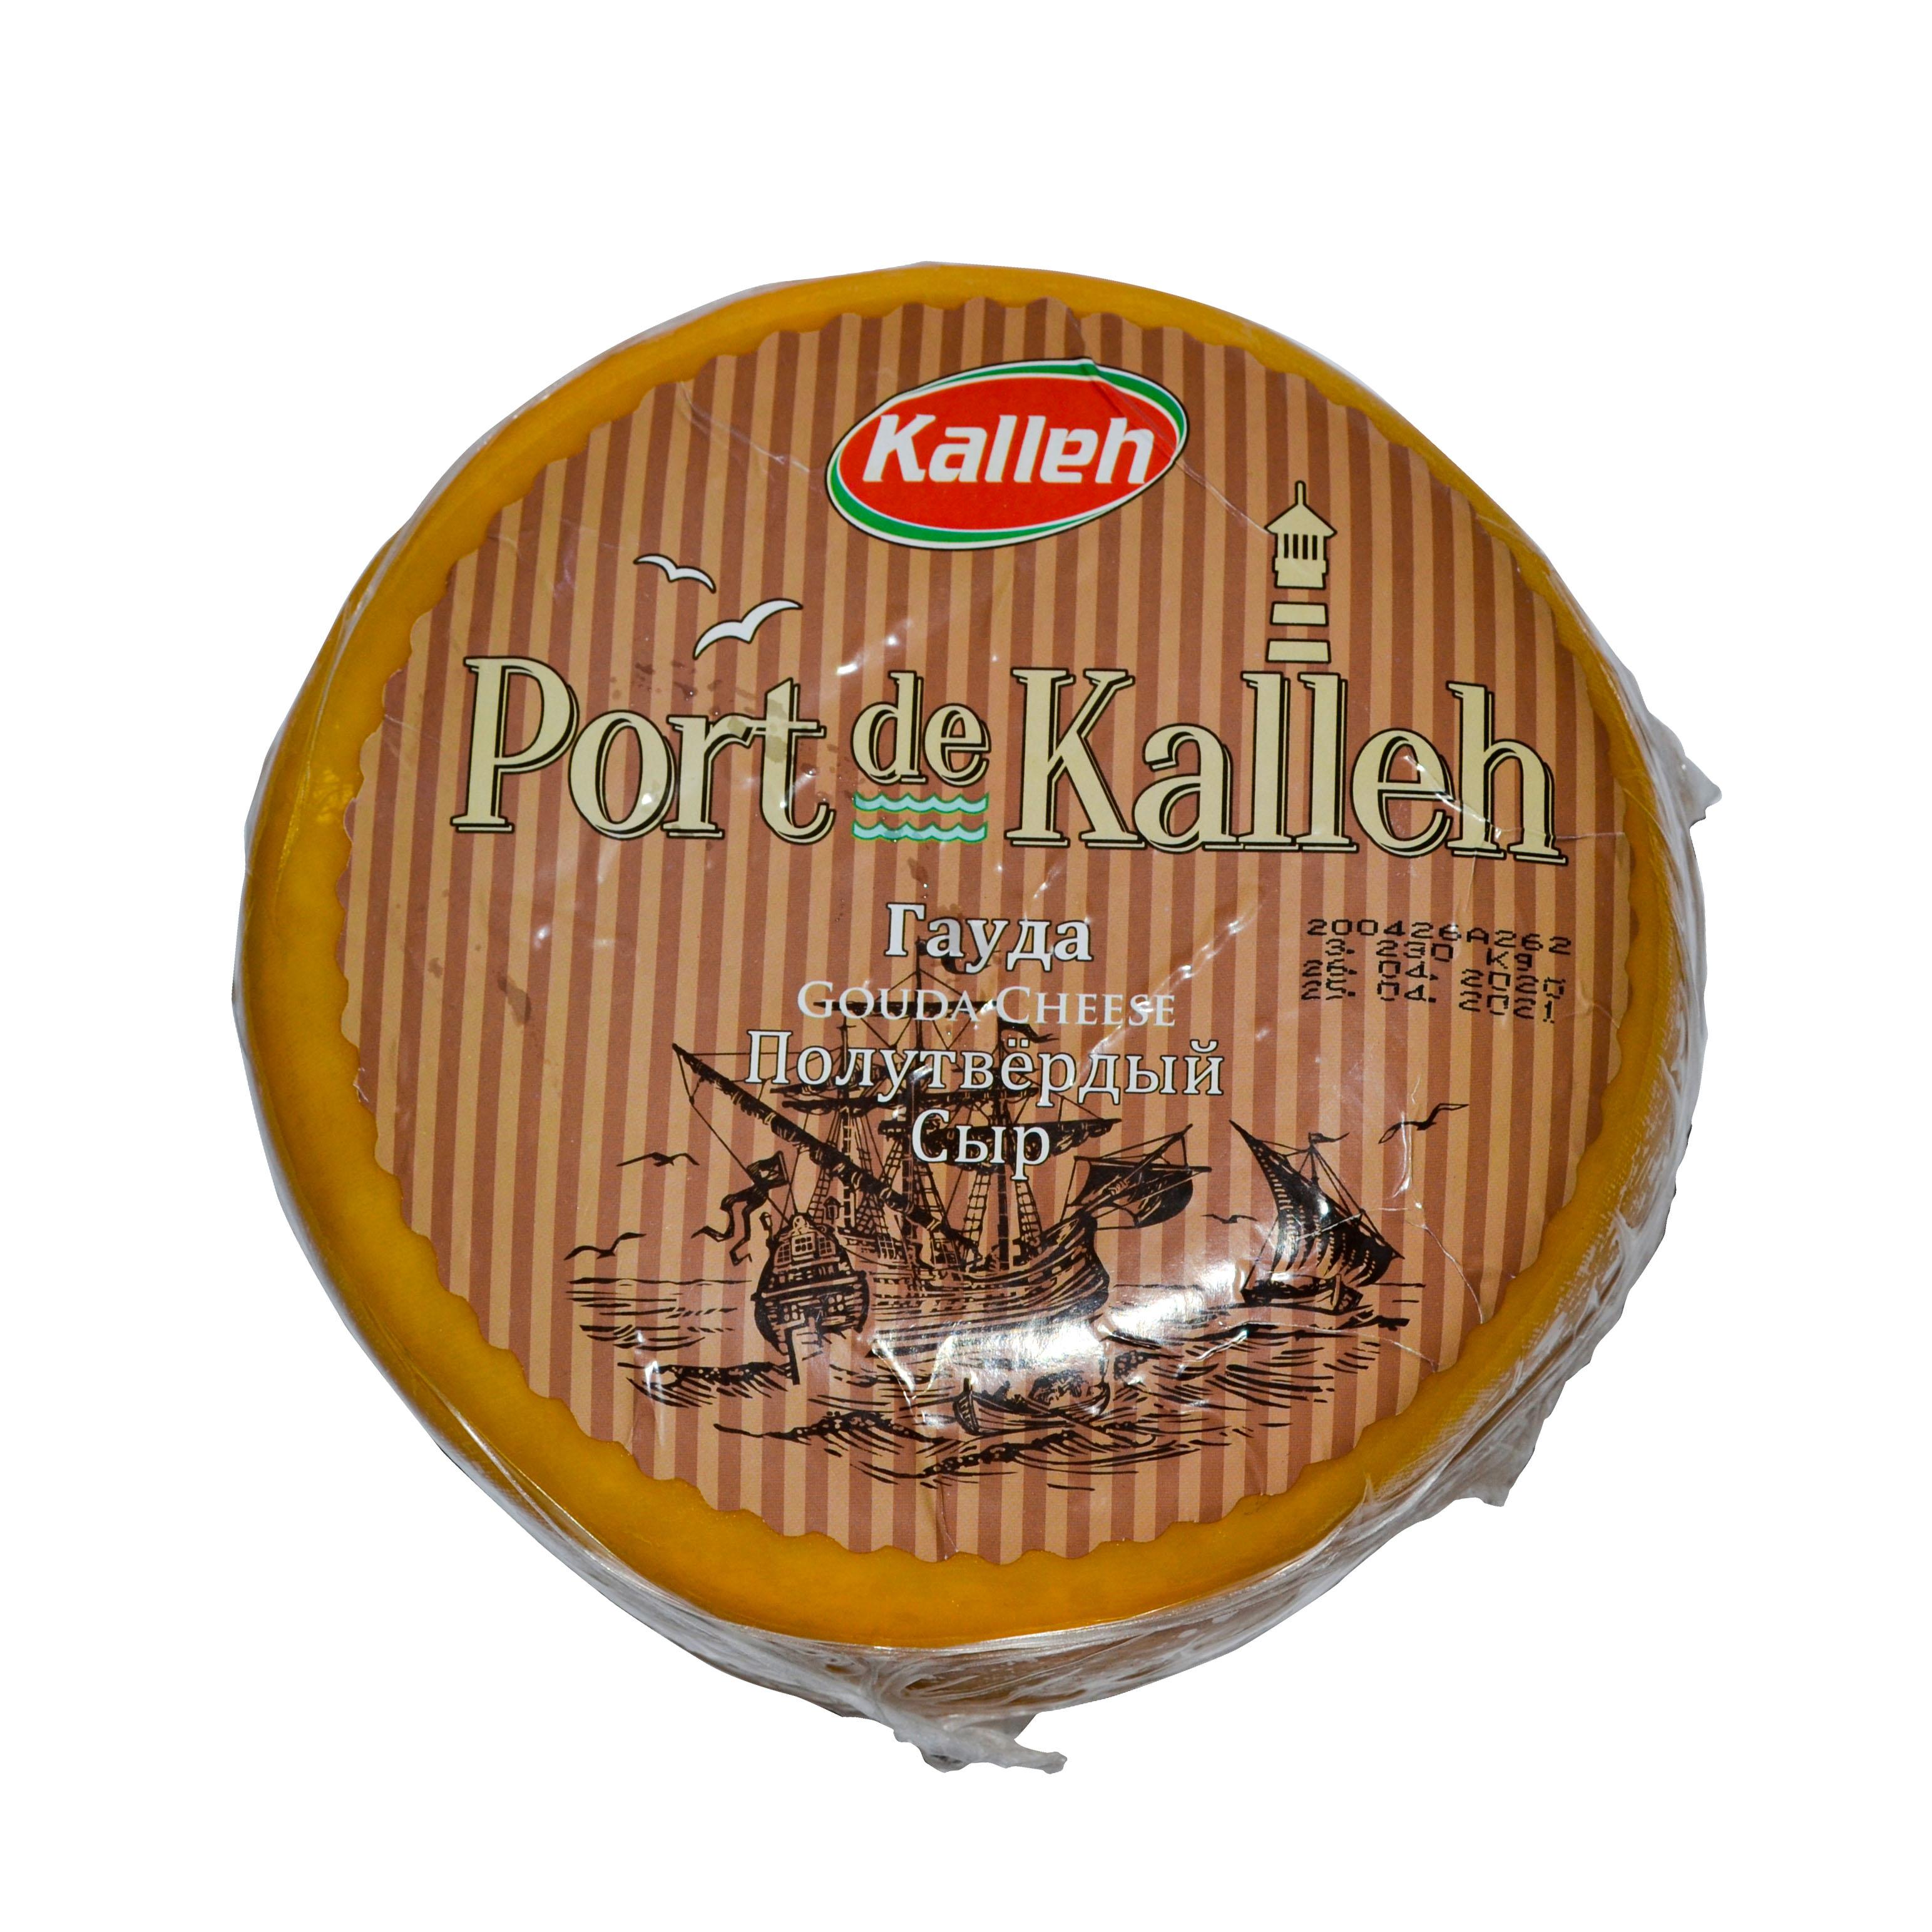 Сыр Гауда Port de Kalleh